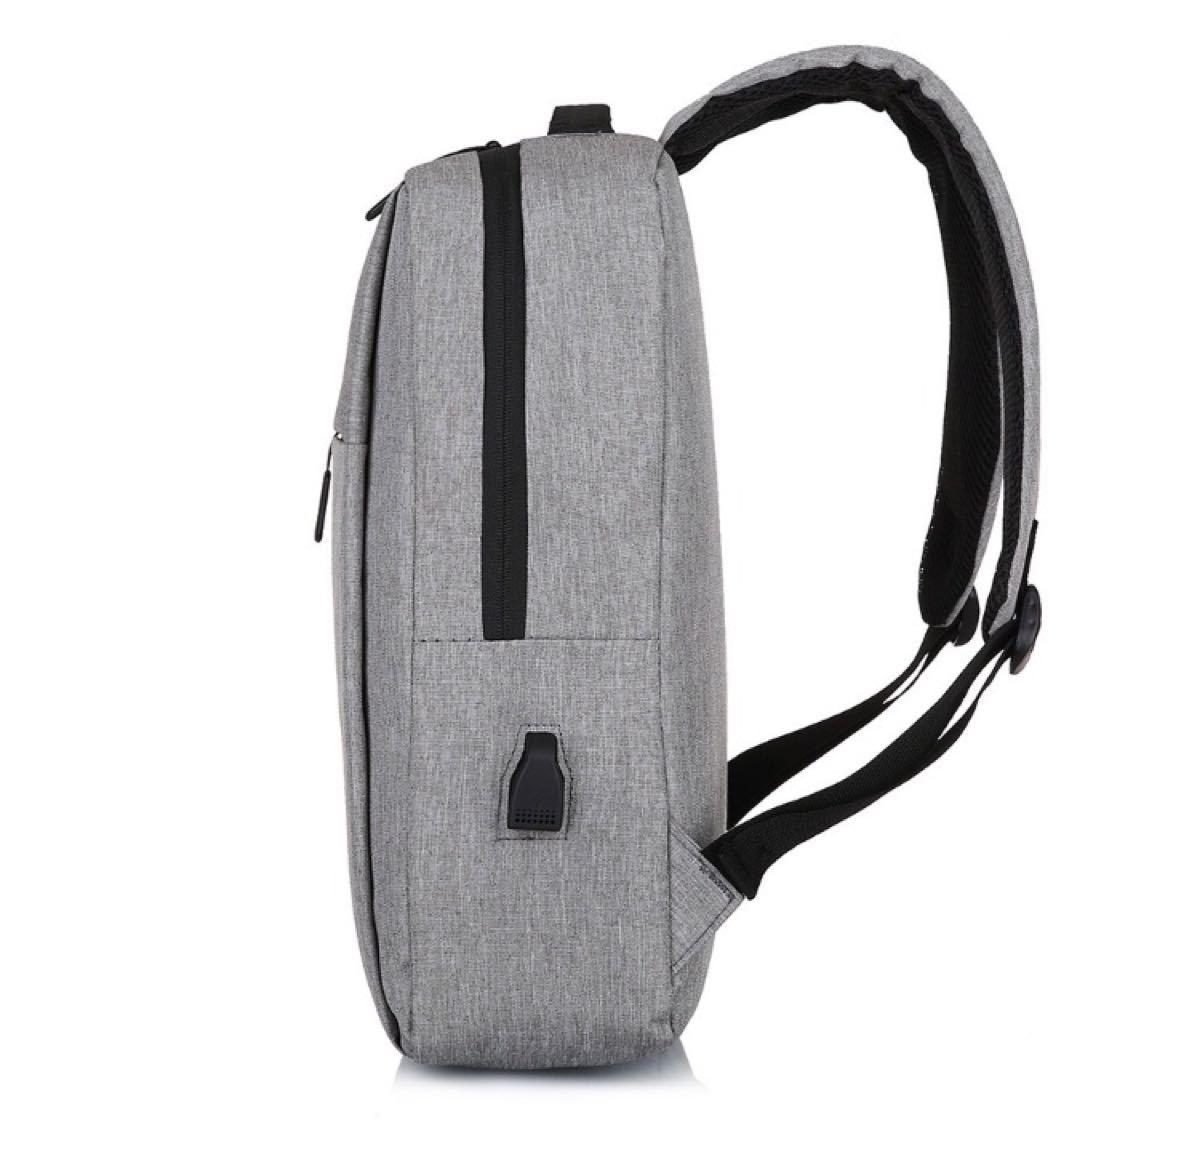 ビジネスバック リュック 大容量 メンズ USBバック PCカバン 通学  バックパック リュック ビジネスリュック USBポート